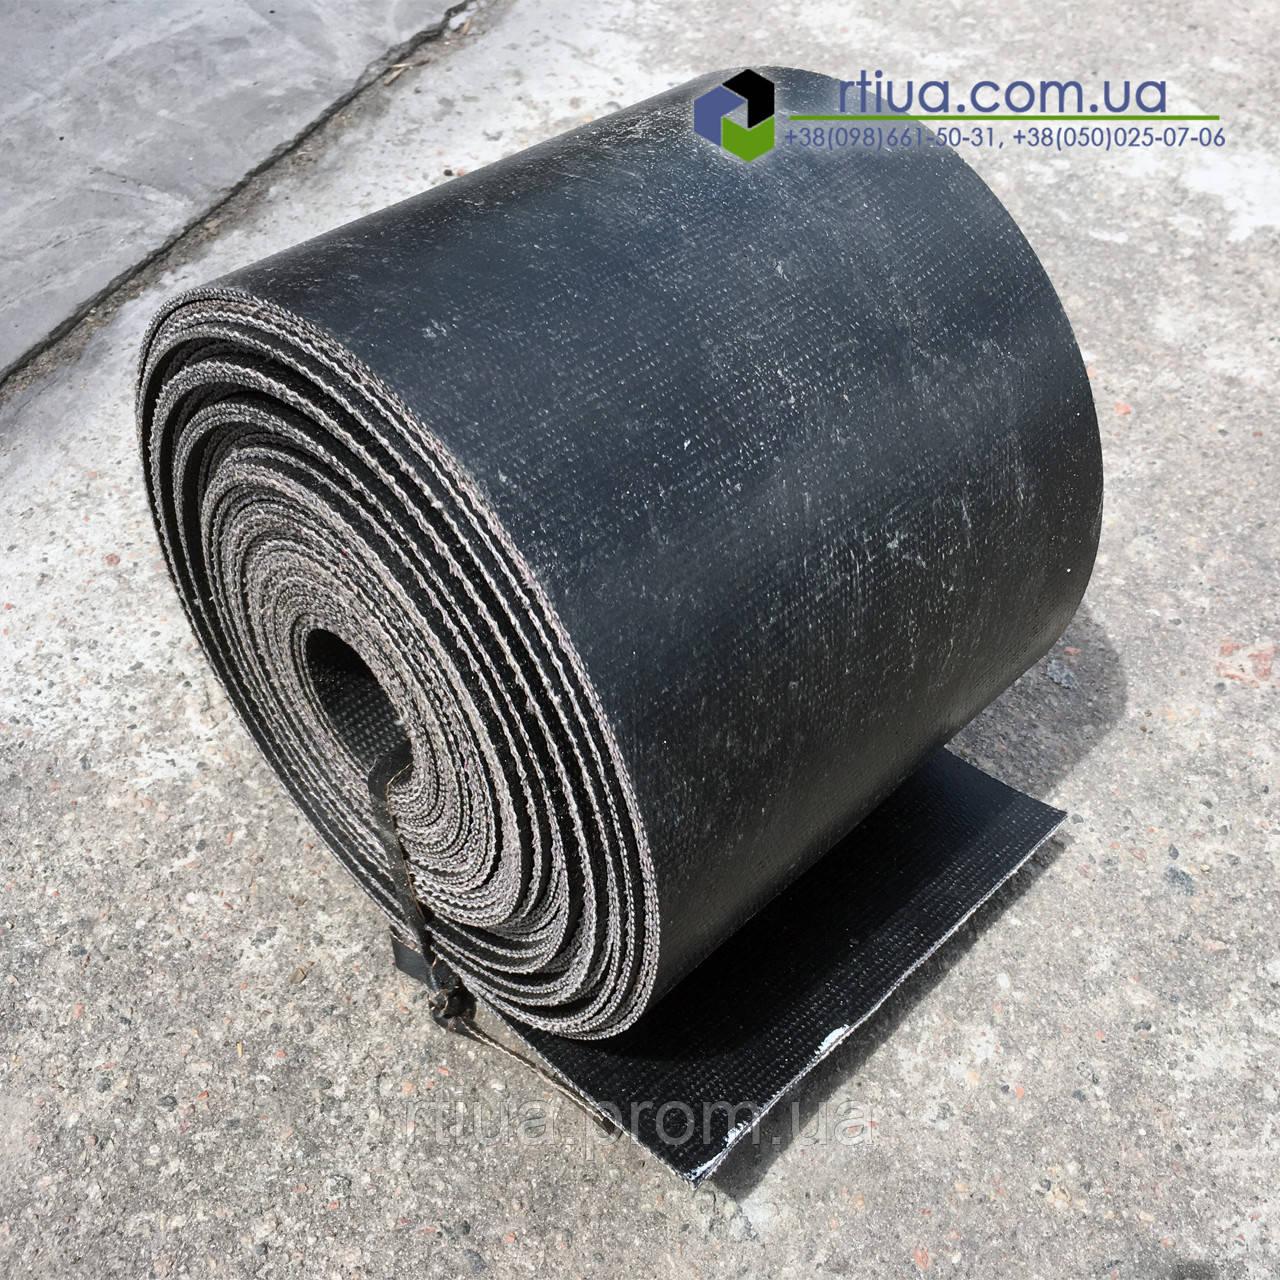 Транспортерная лента БКНЛ, 175х5 мм